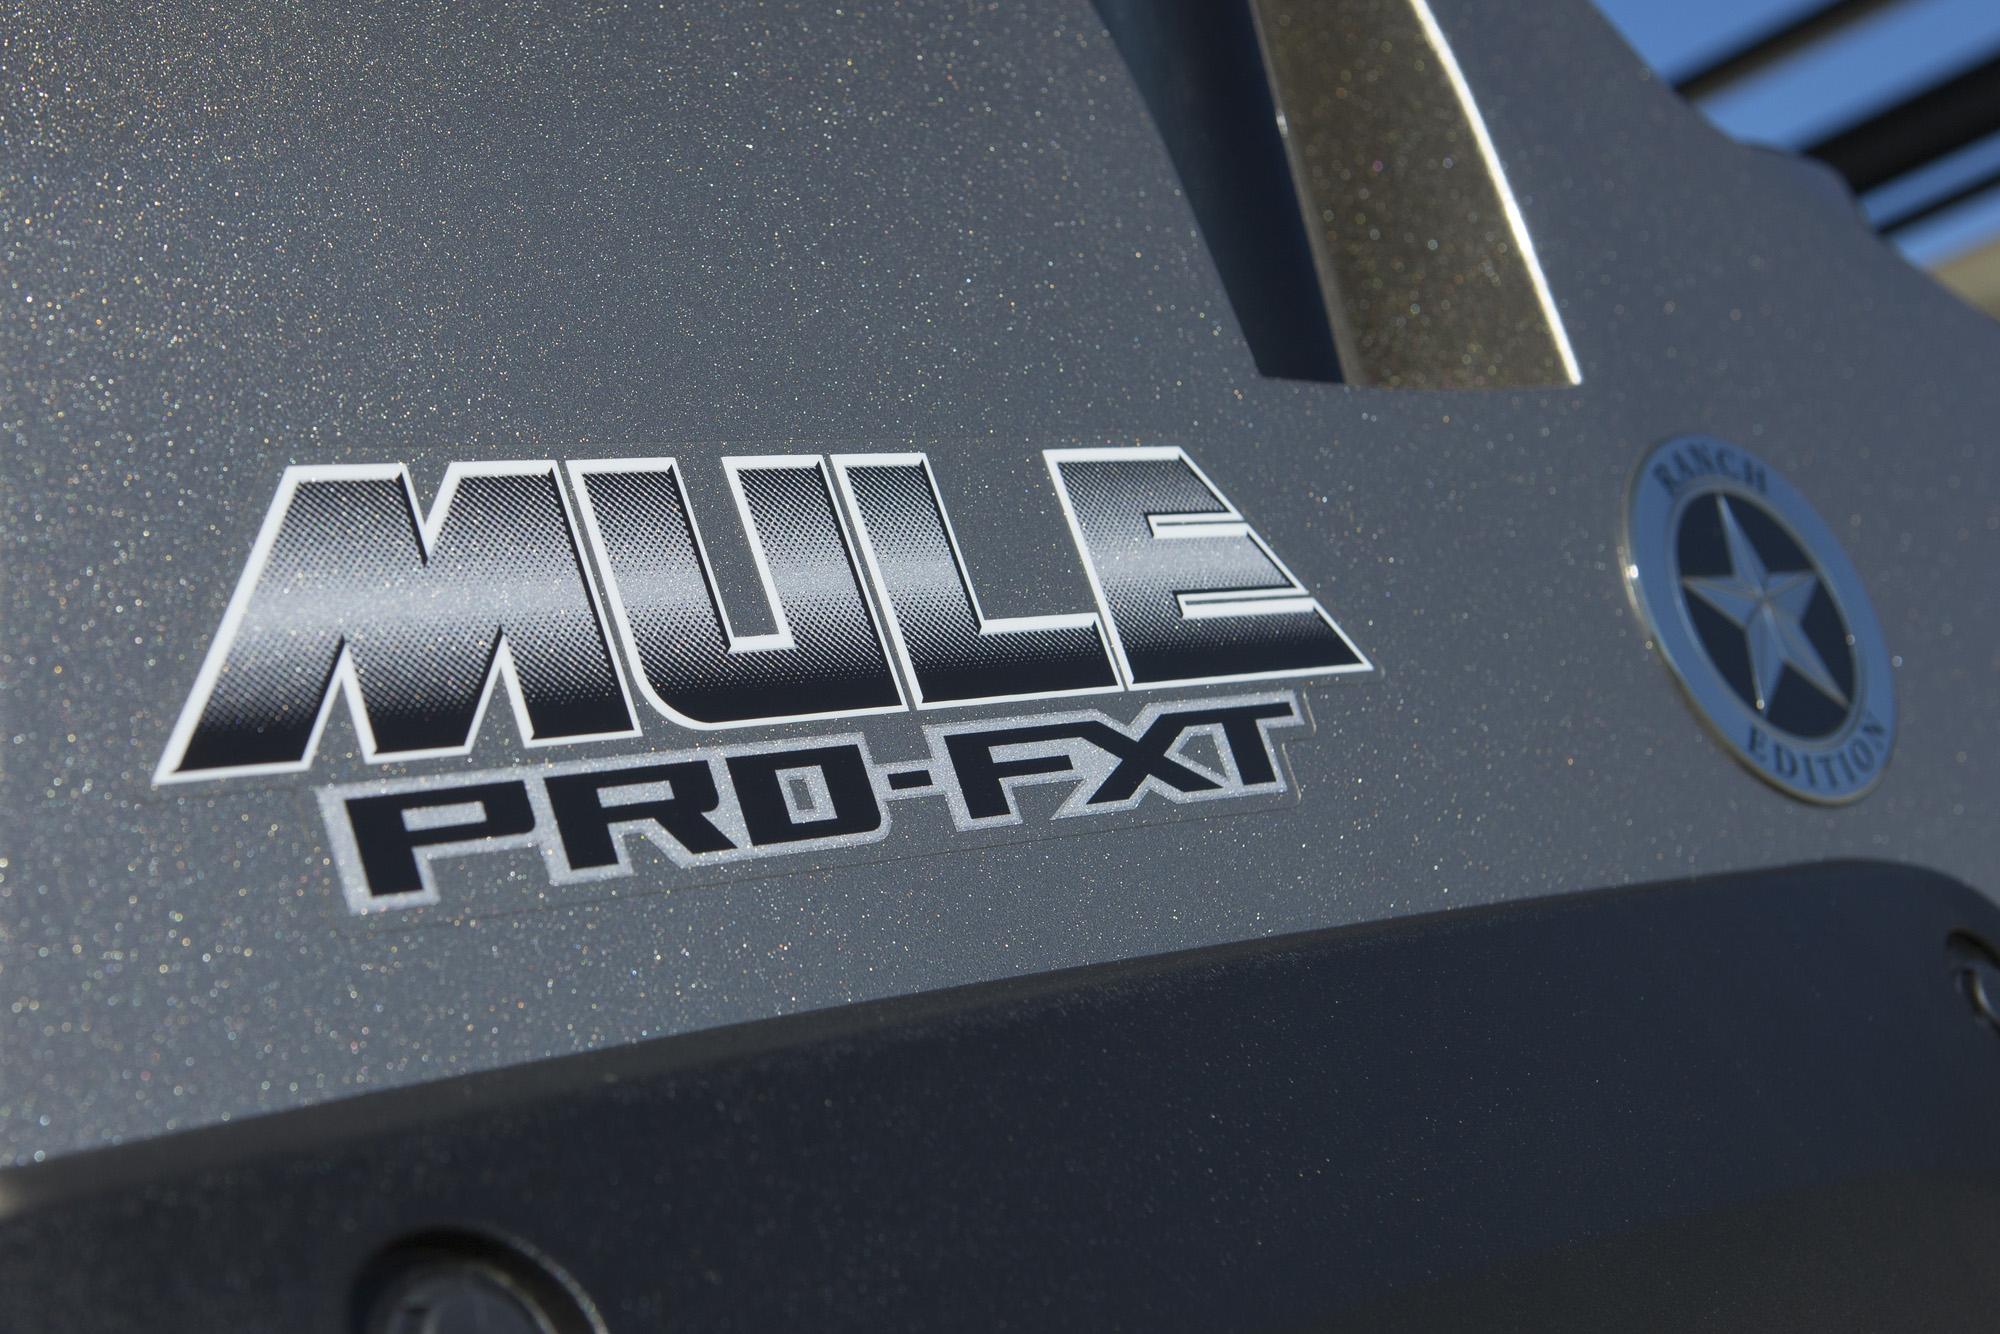 Kawasaki Mule Pro Fxt Ranch Edition 31